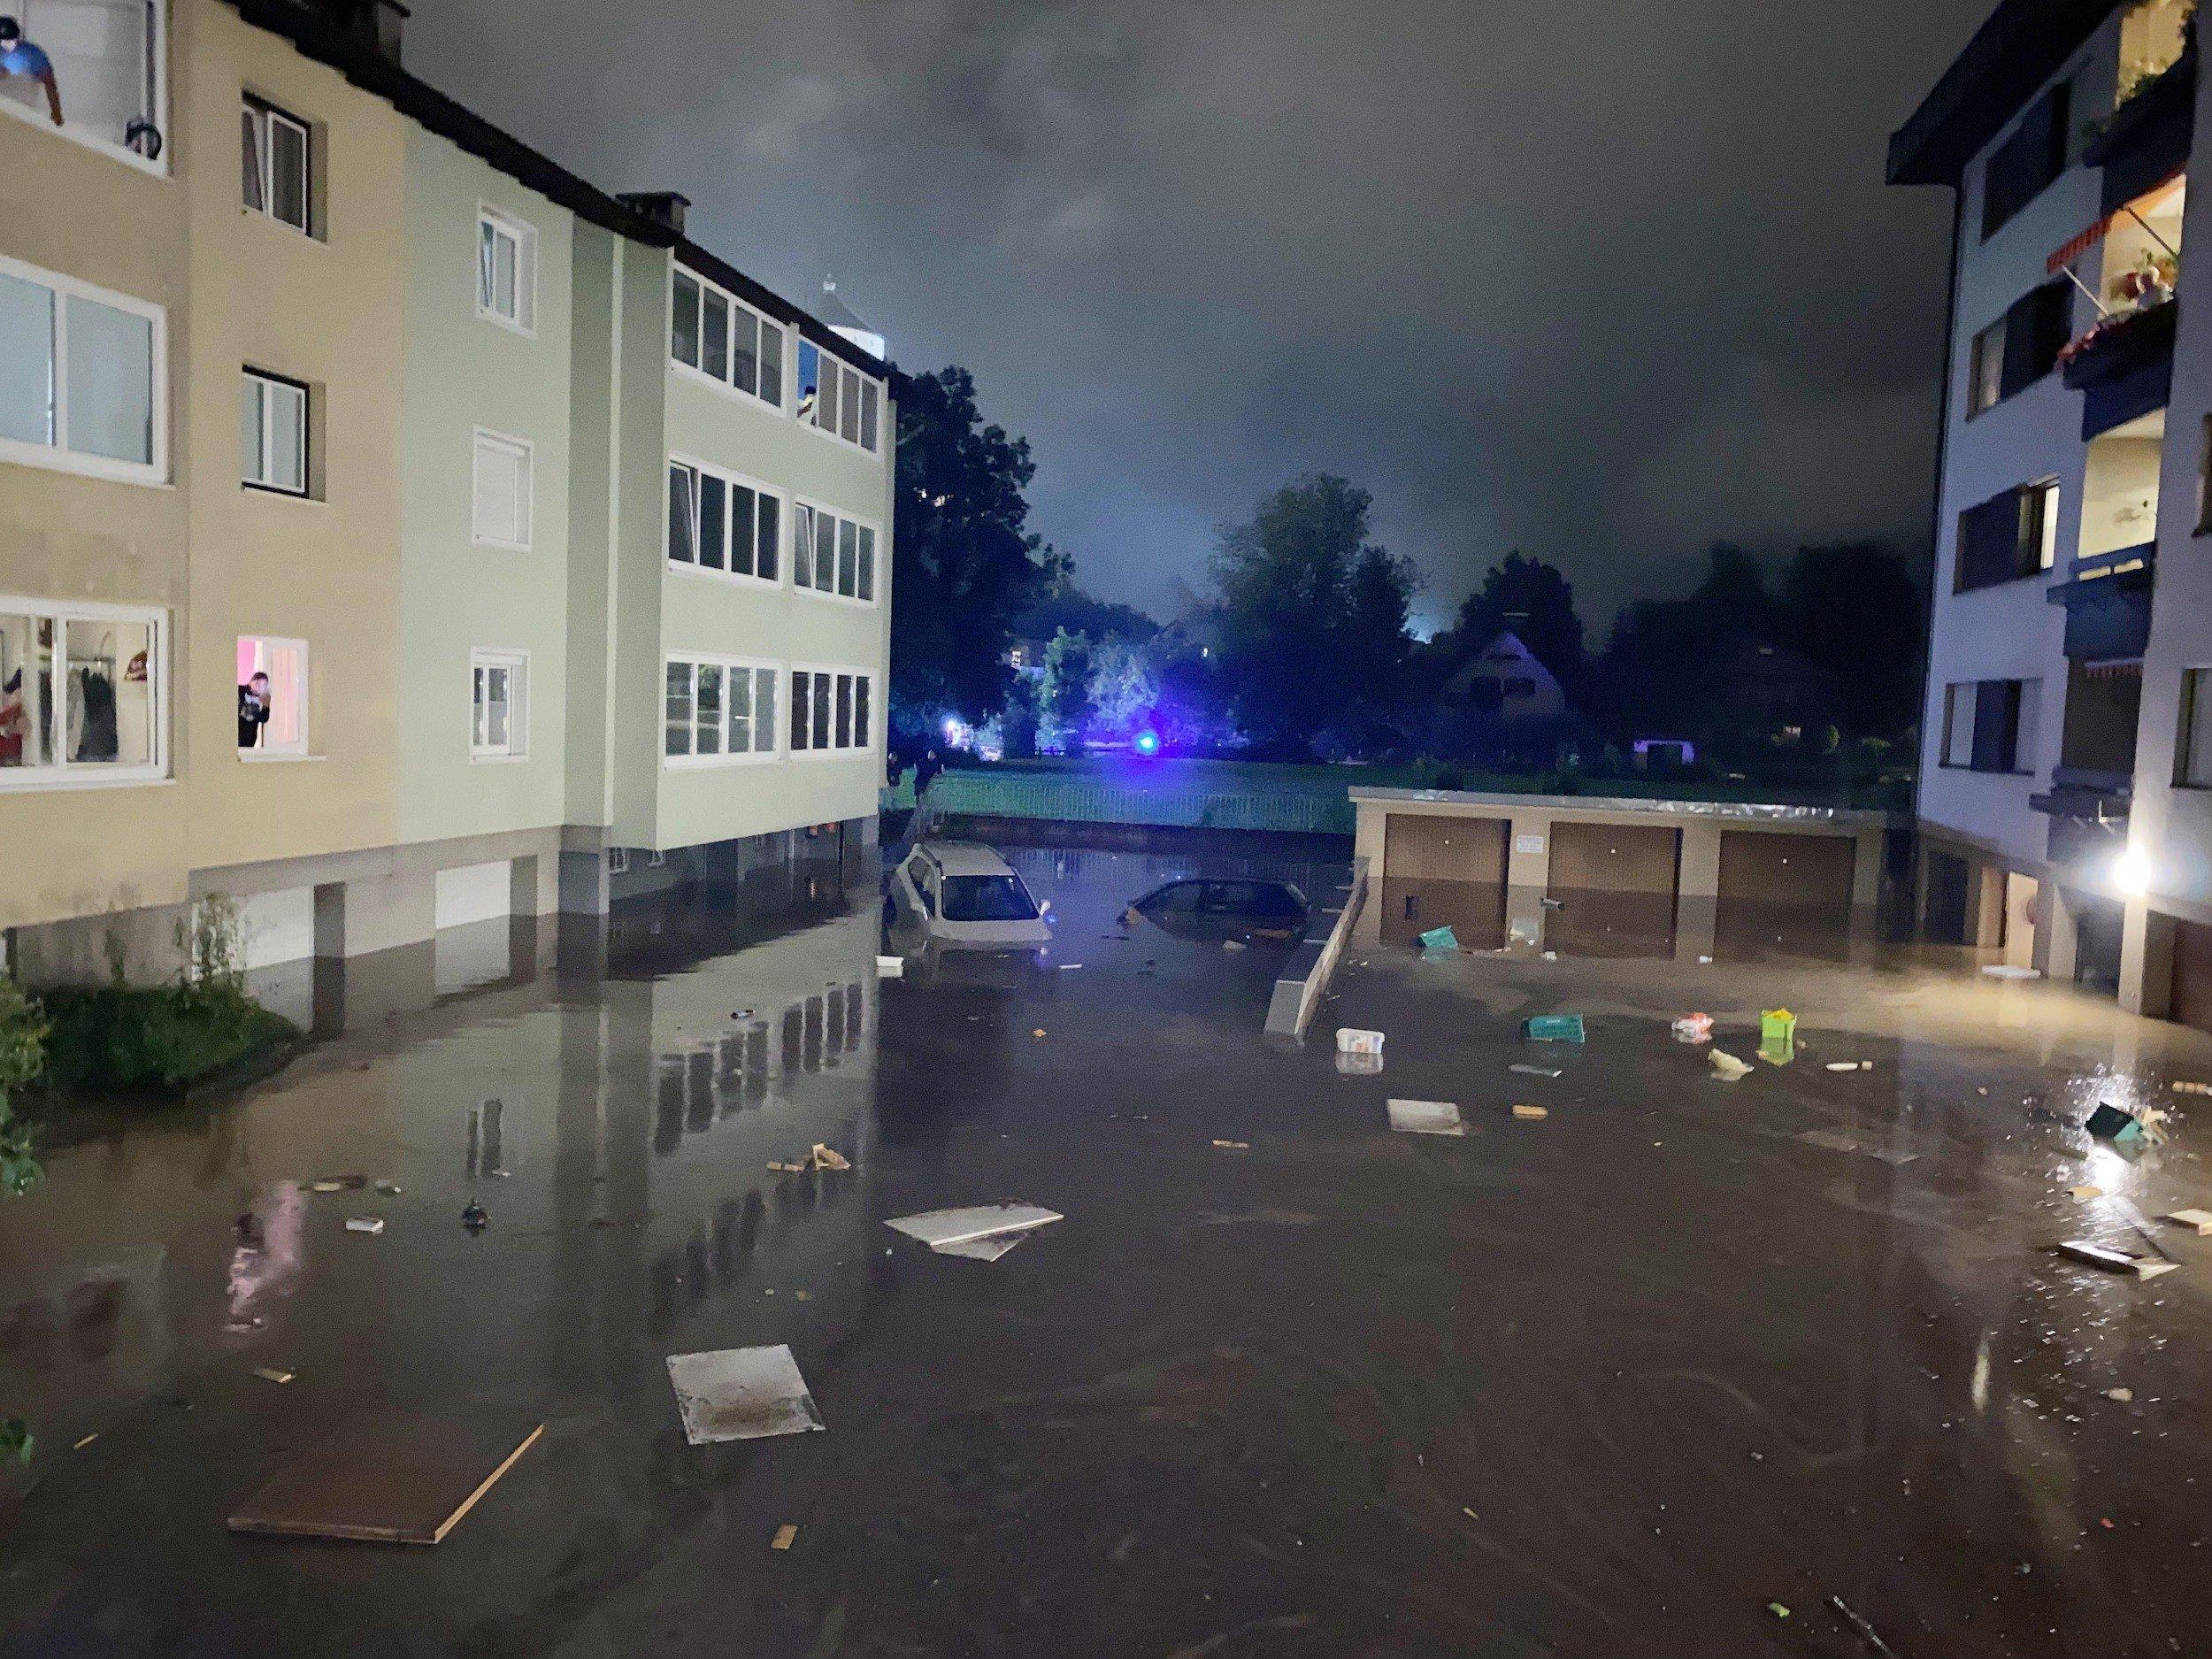 Überschwemmtes Wohnviertel bei Nacht im Blaulicht